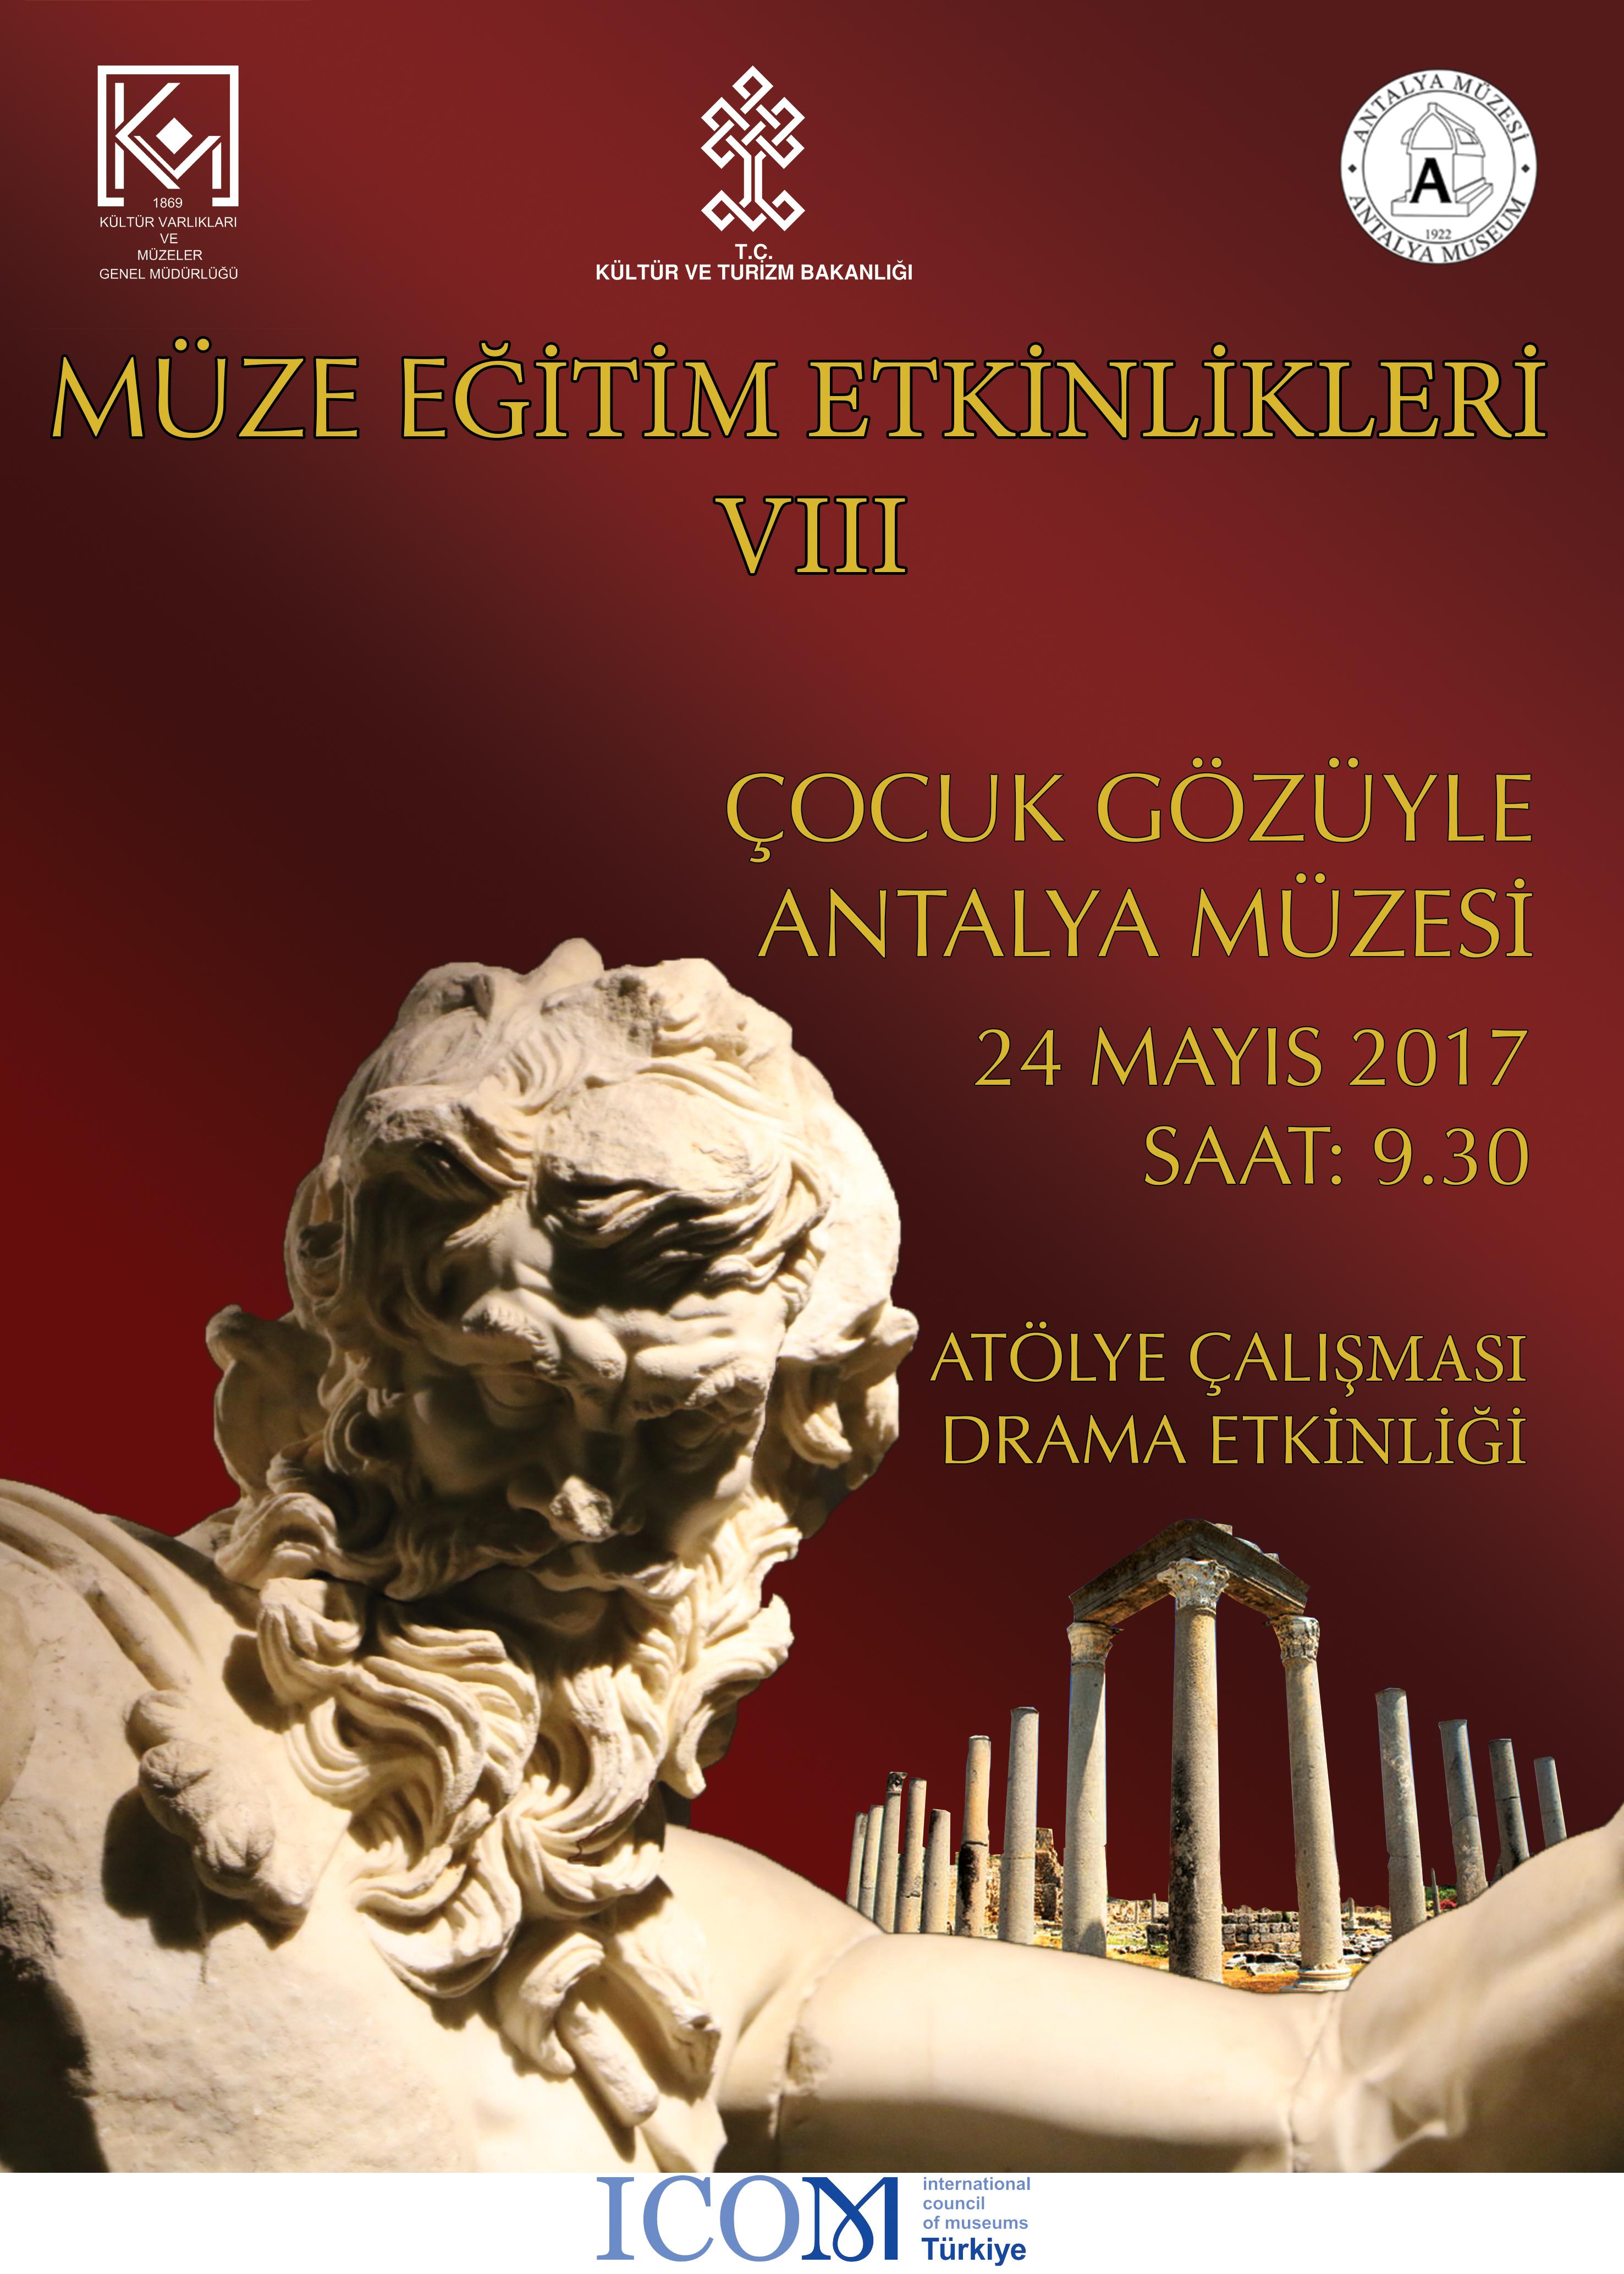 Antalya müzesi afişi 3